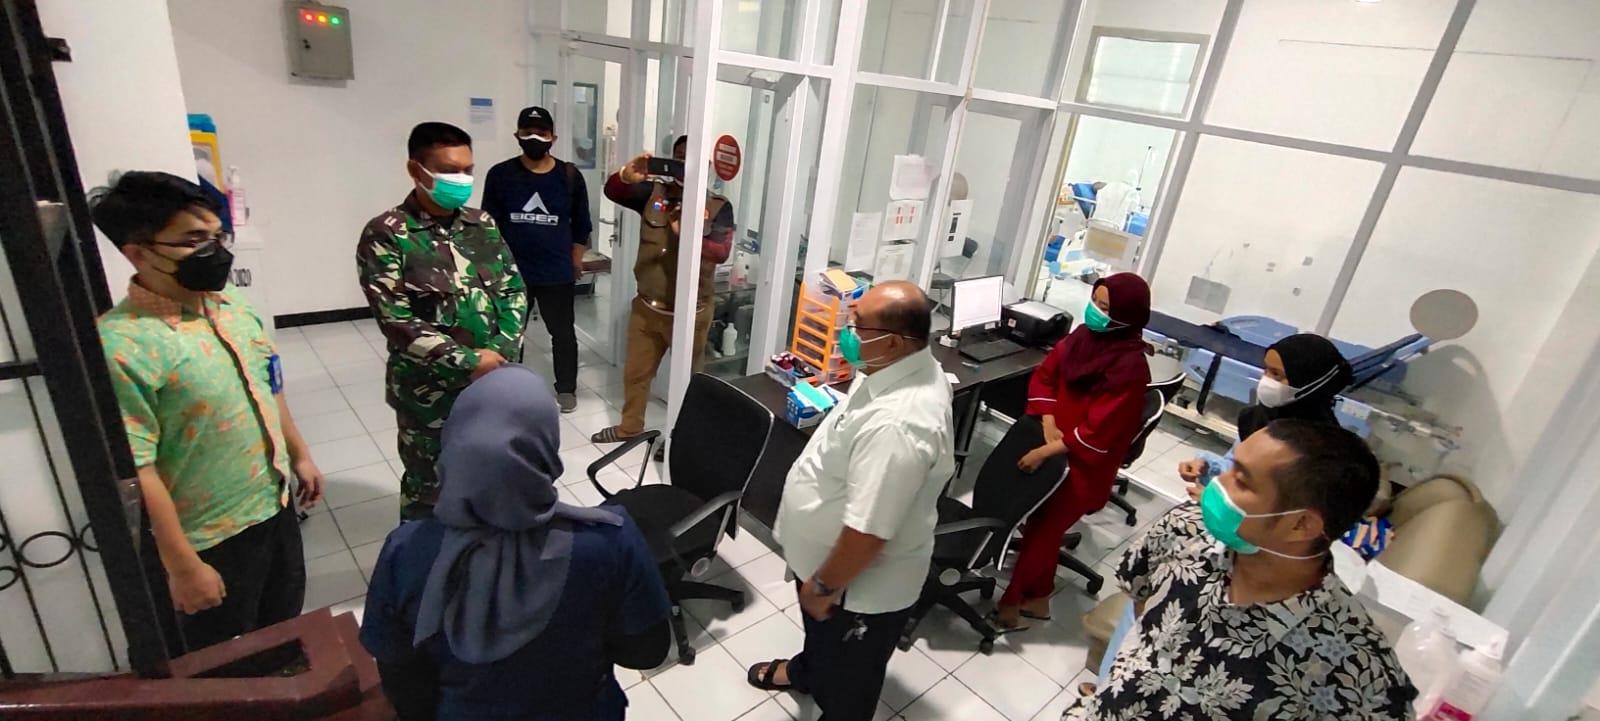 Dandim 0606/KB Tinjau Rumah Sakit Lapangan Untuk Pasien Covid-19